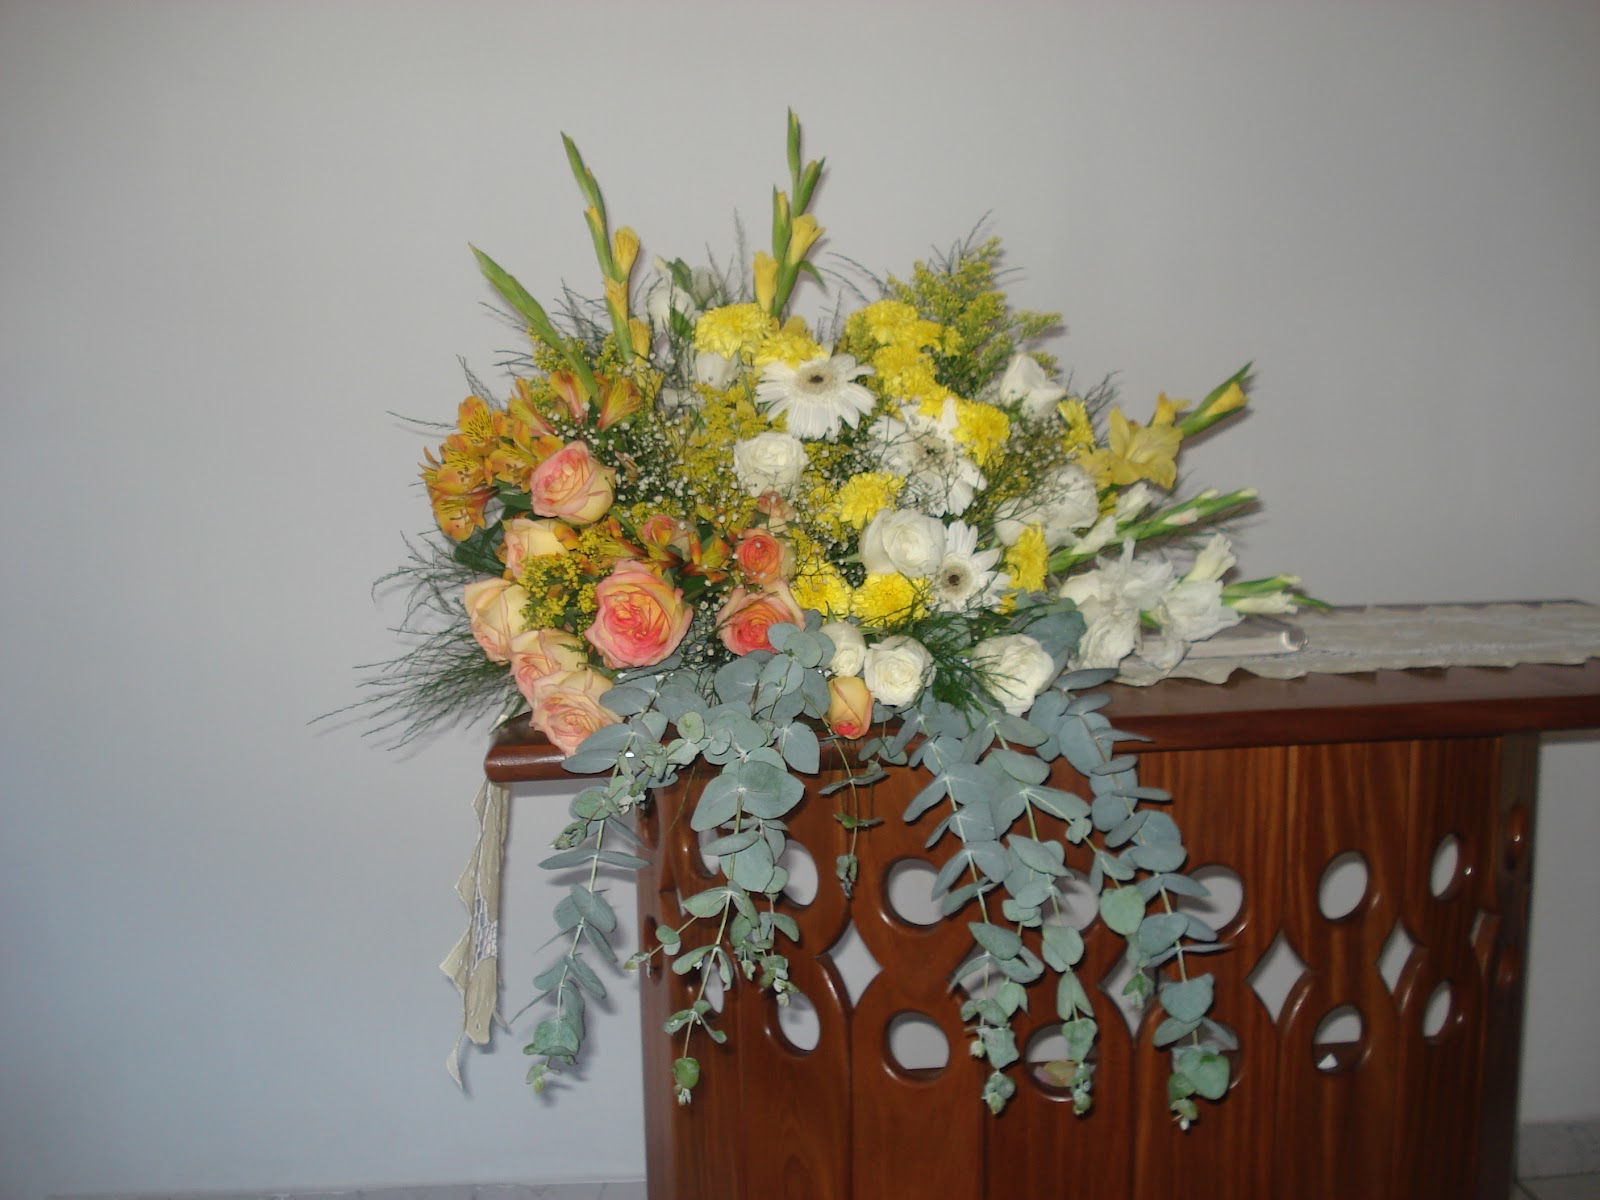 flores no jardim de deus : flores no jardim de deus:FLORZINHA DO JARDIM DE DEUS.: ARRANJOS DE FLORES TIA CLEIDY.